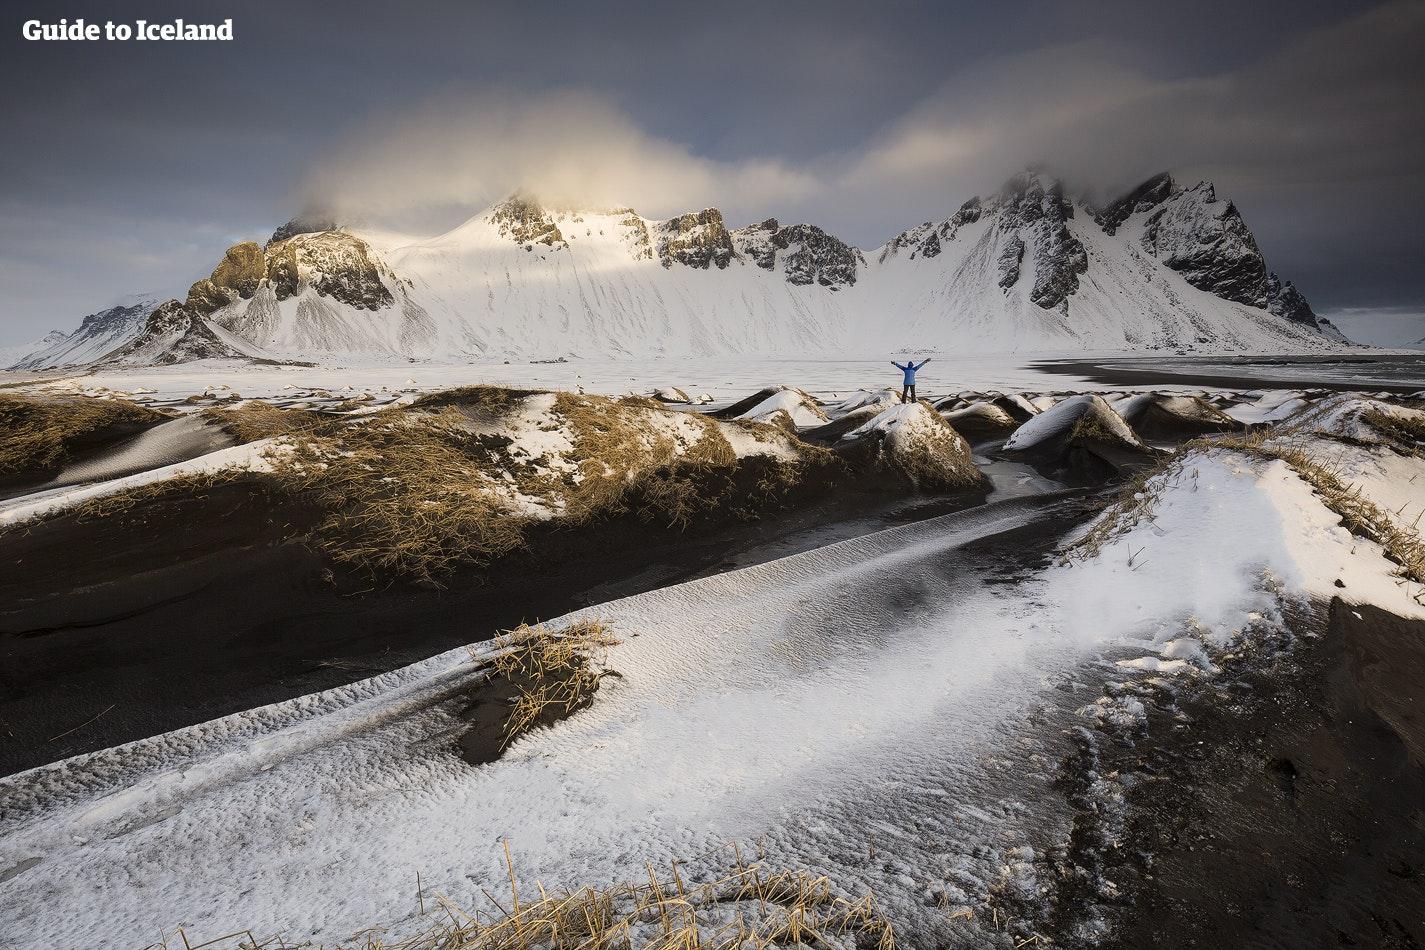 베스트라혼은 아이슬란드 동부의 명물 중 하나입니다